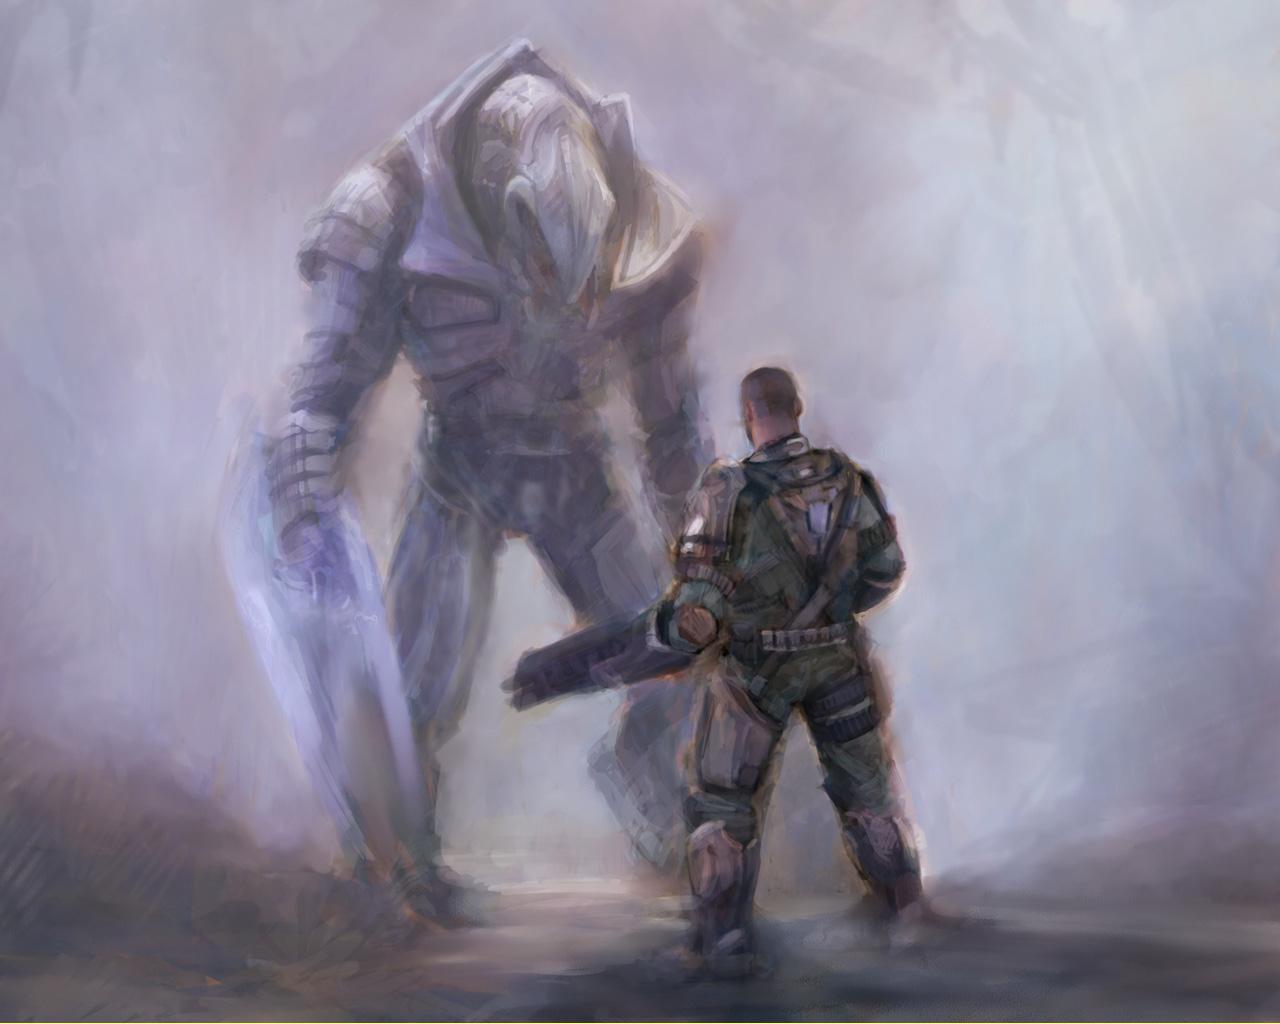 Halo Wars Wallpaper in 1280x1024